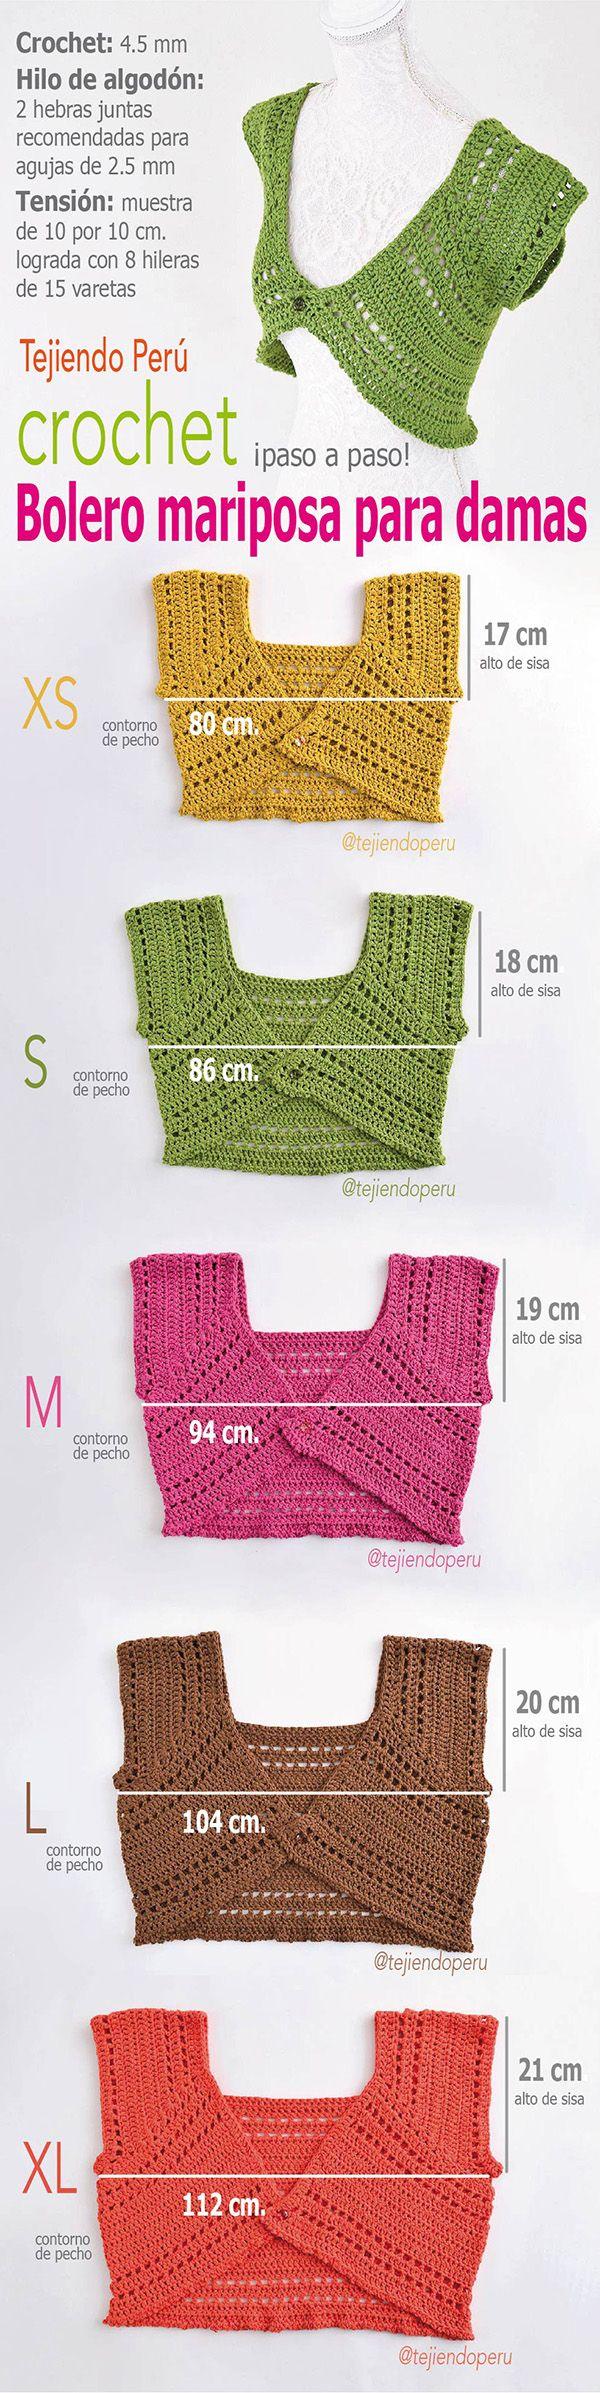 #Crochet: bolero mariposa para damas tejidos a crochet en 5 tallas! Paso a paso :)